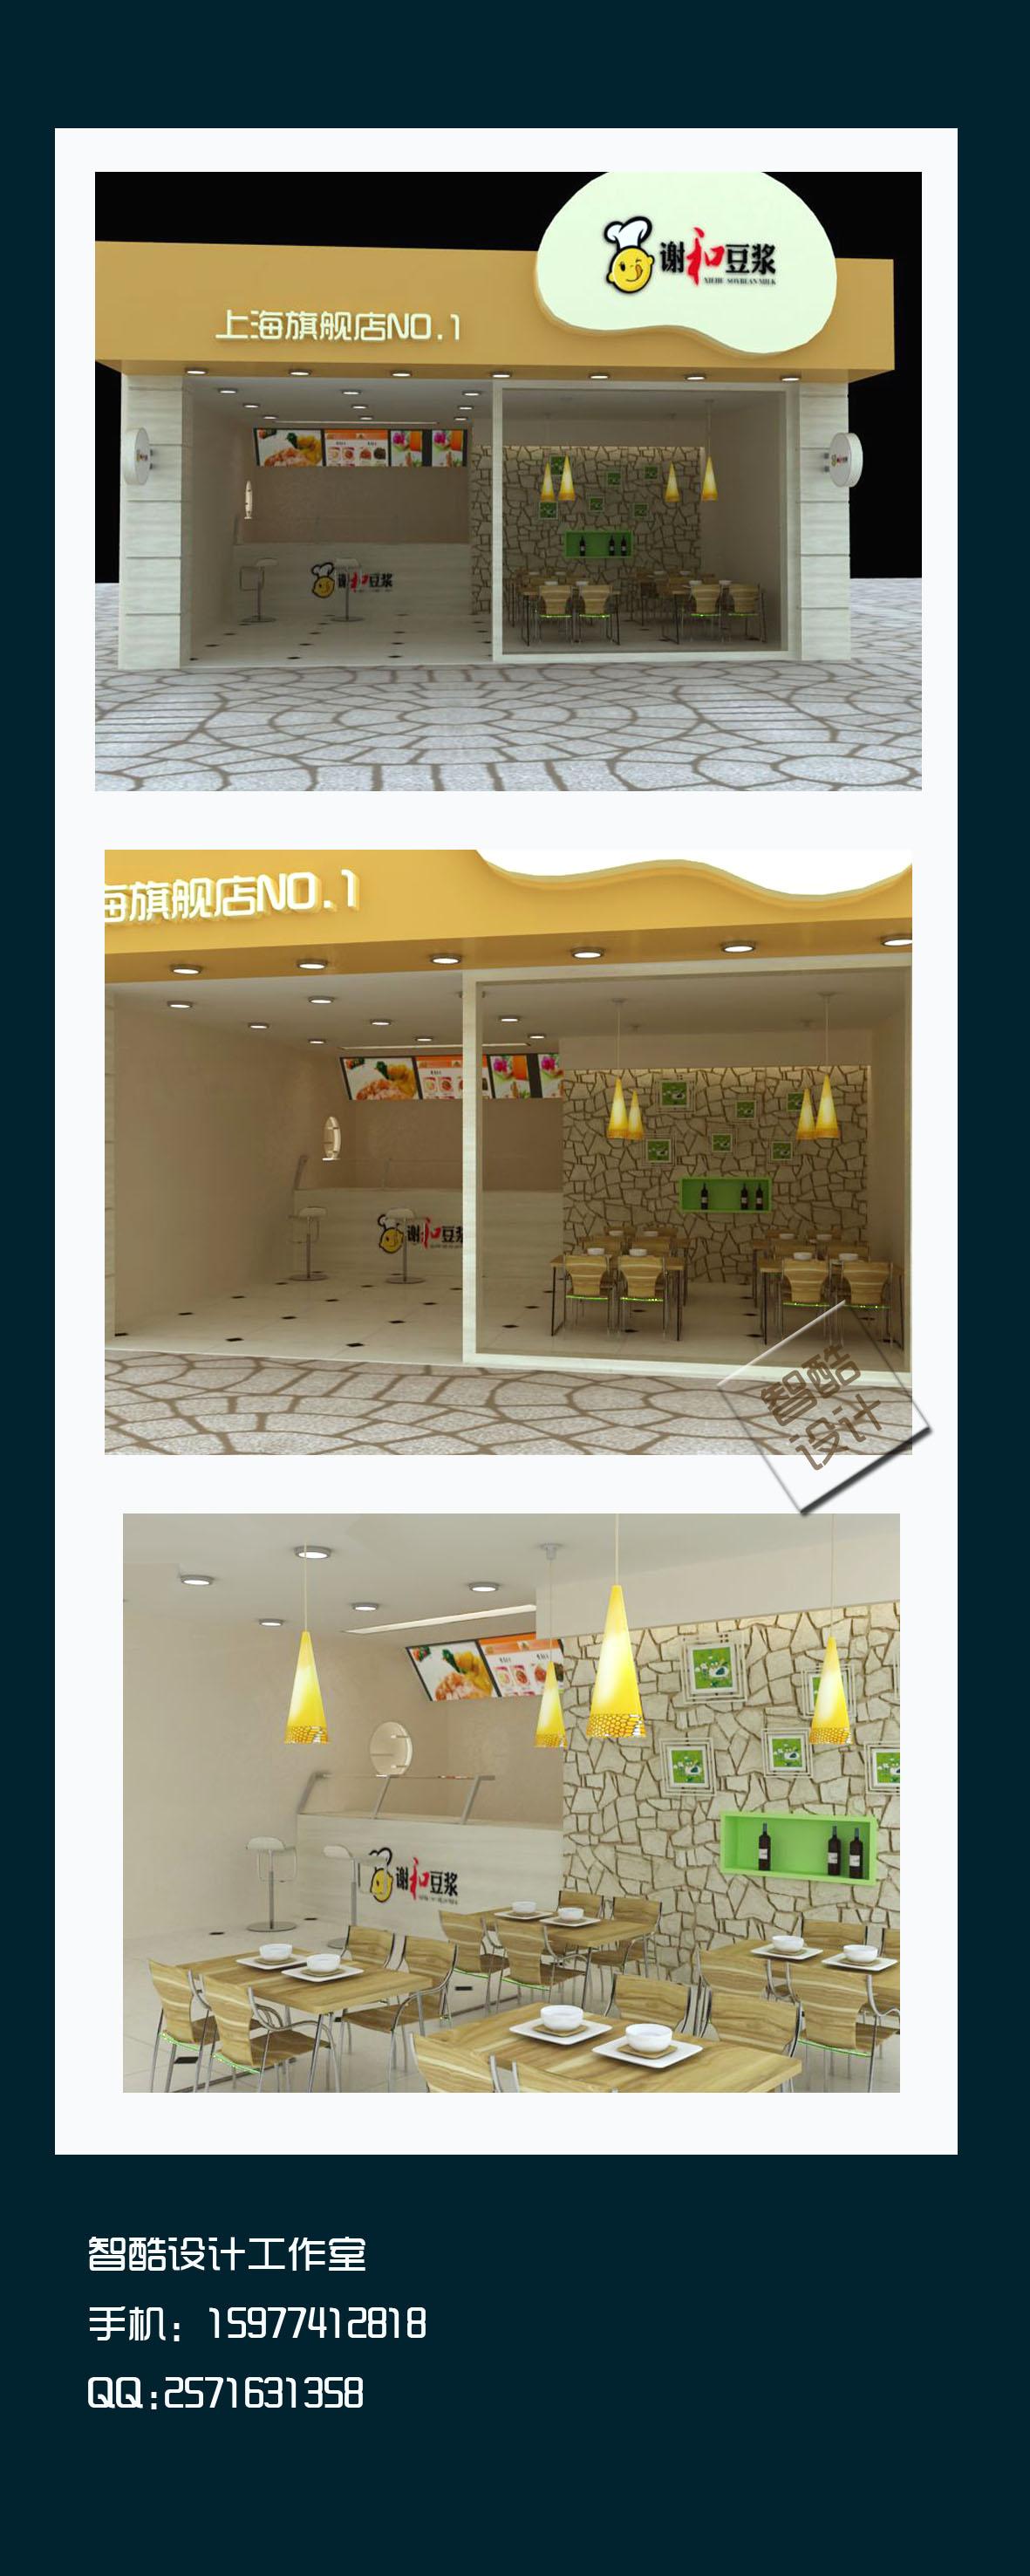 中式快餐连锁征集店面设计